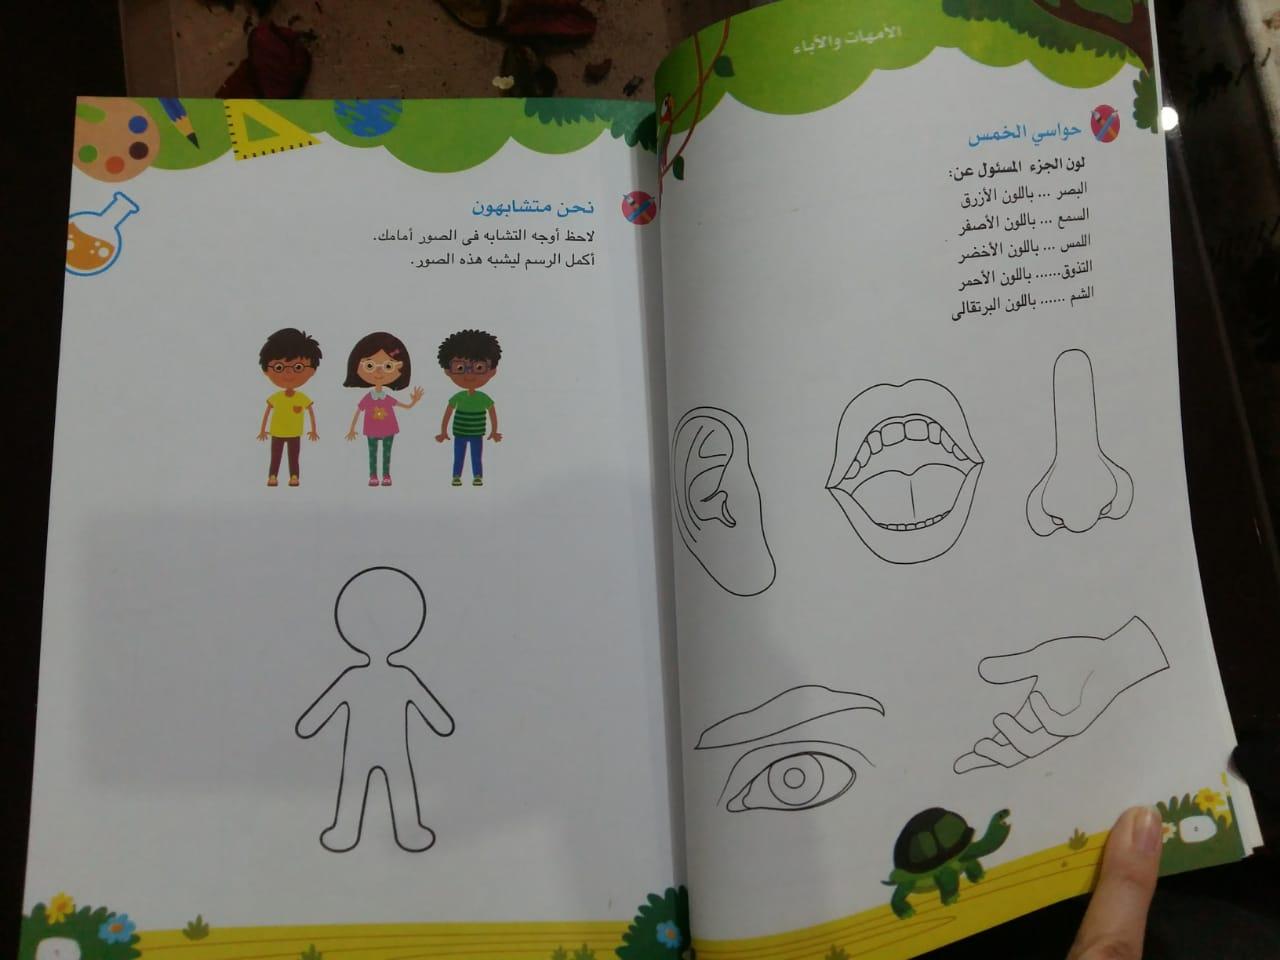 منهج رياض الأطفال الجديد (55)